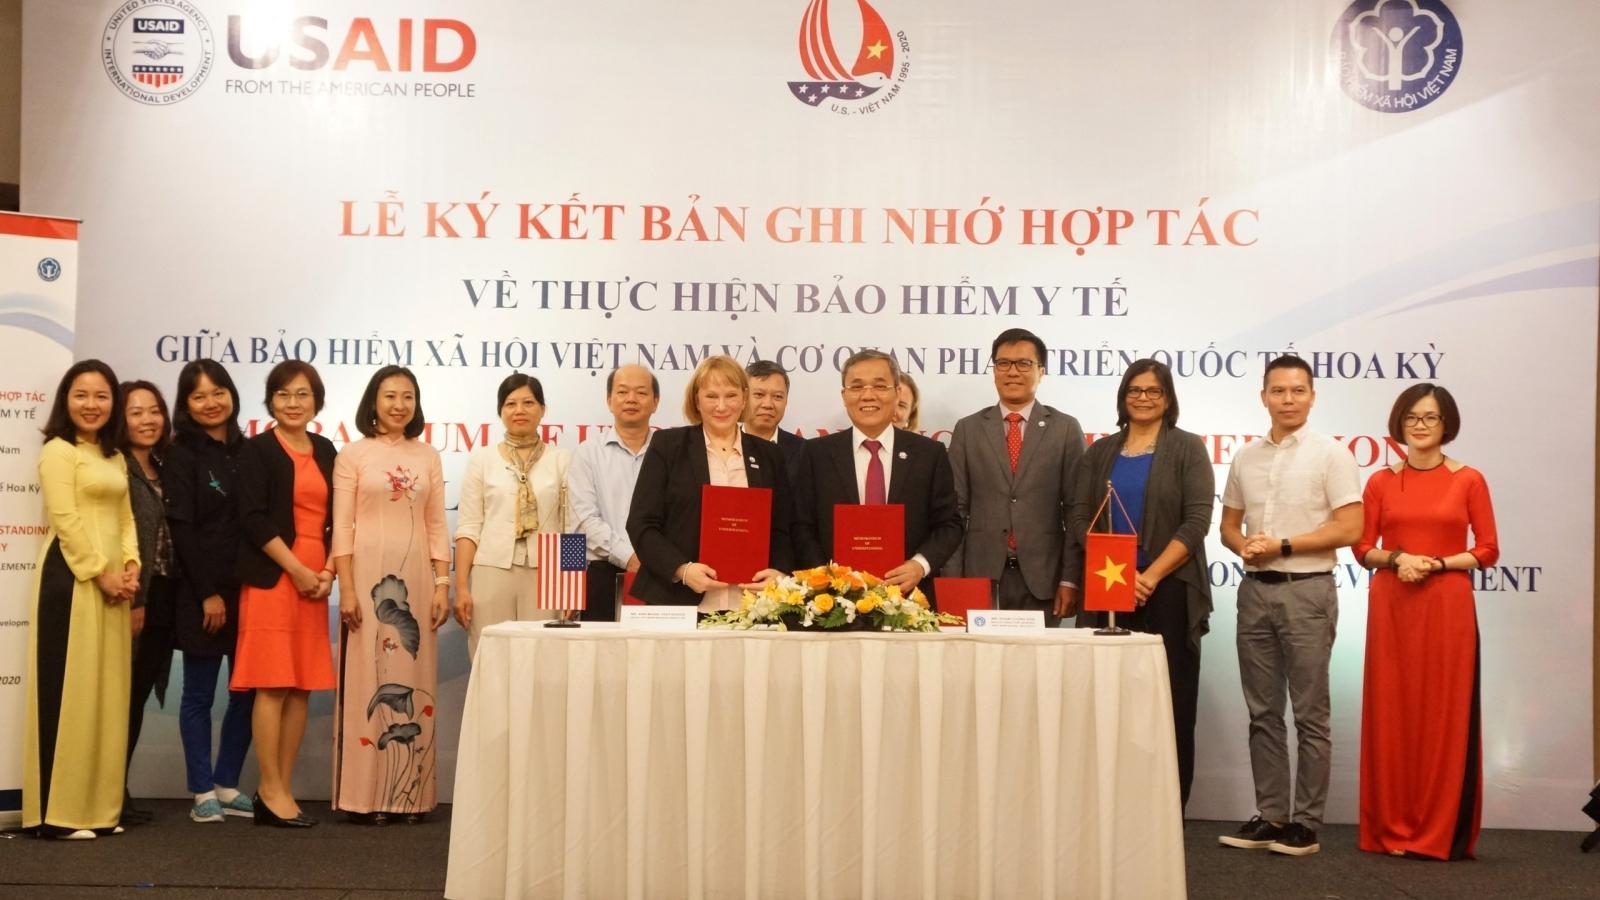 Việt Nam - Hoa Kỳ hợp tác trong lĩnh vực bảo hiểm y tế